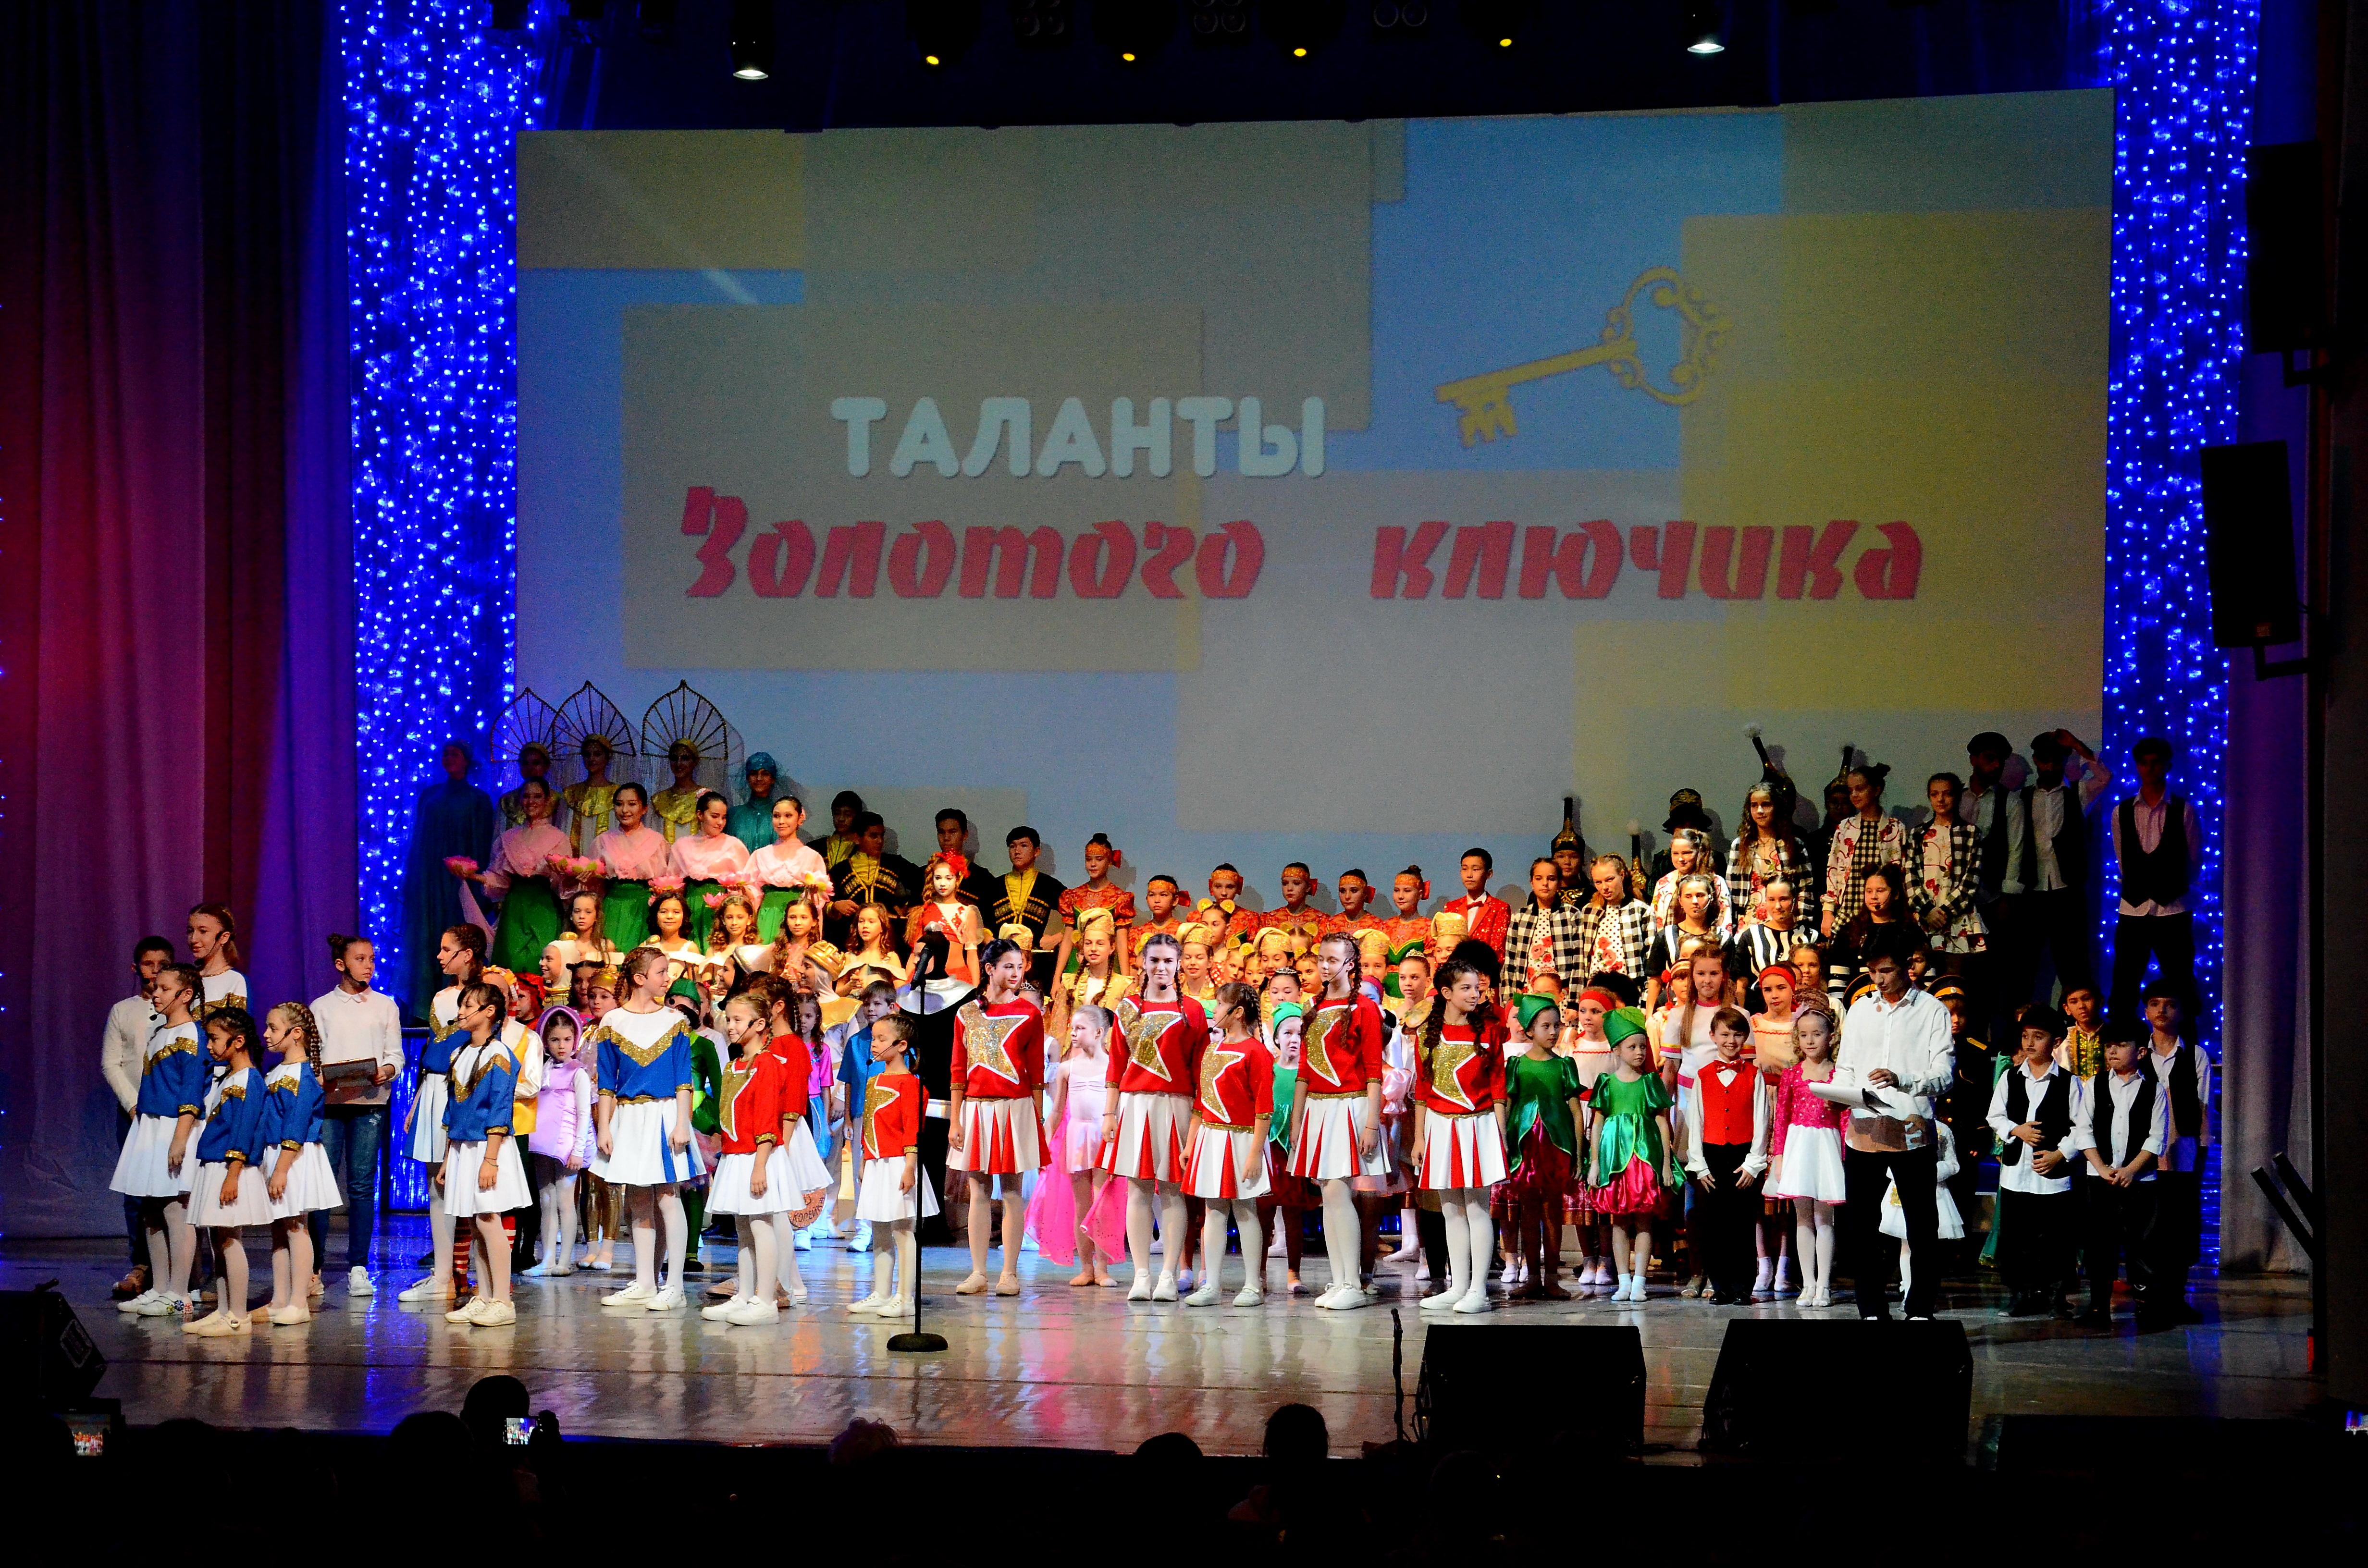 Cтудия «Веселые нотки» получила переходящий «Золотой ключик» Прикаспийского фестиваля